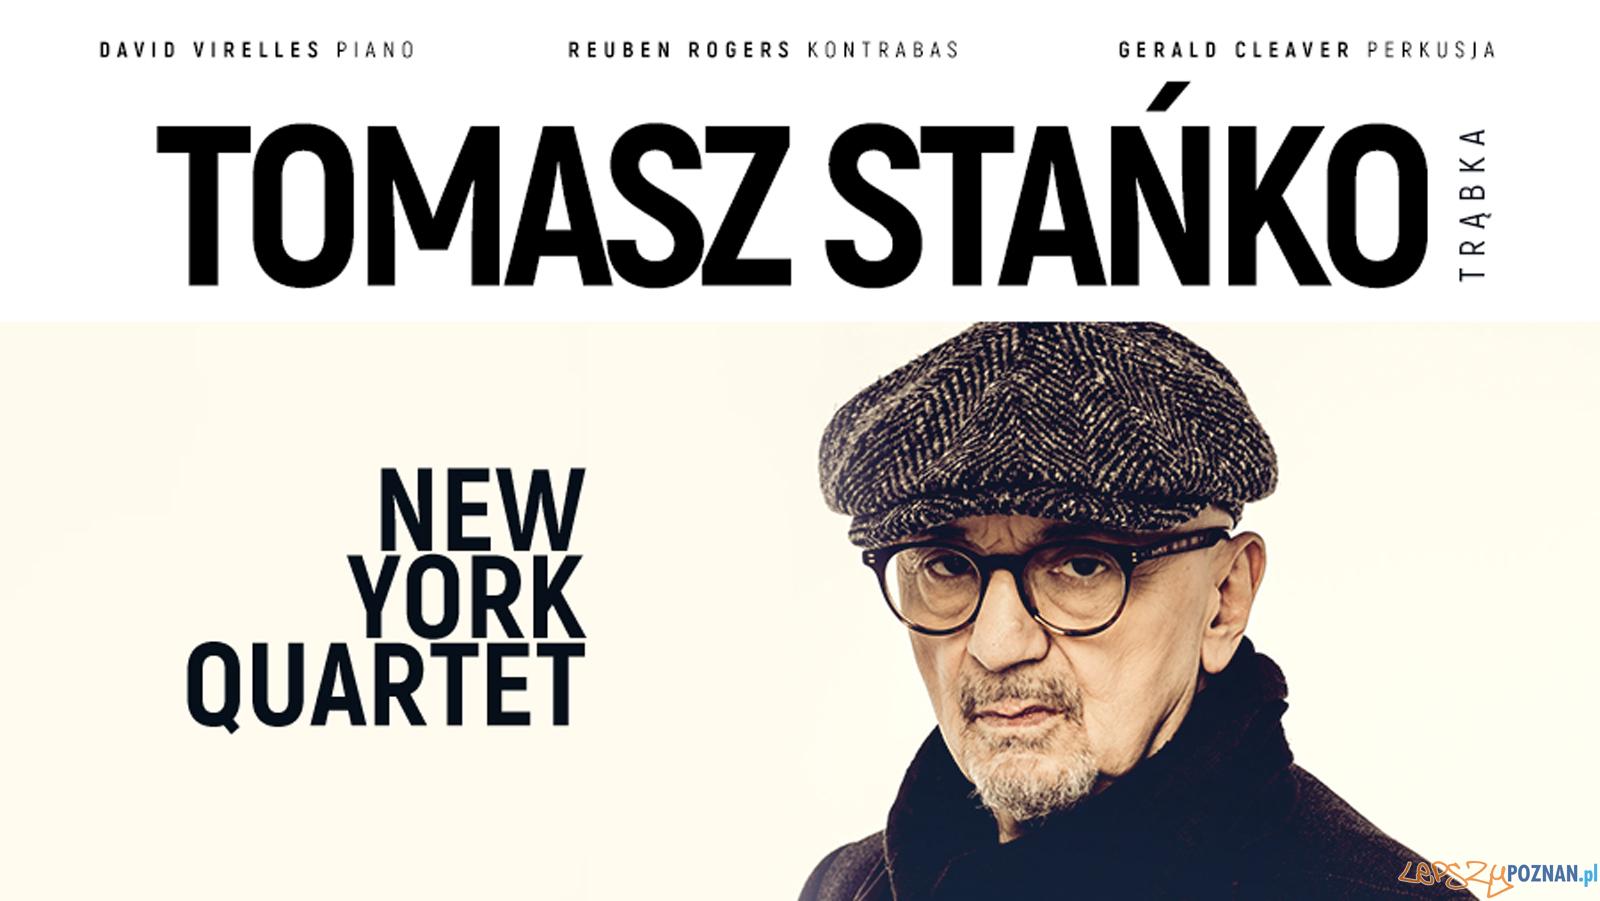 Tomasz Stańko New York Quartet  Foto: materiały prasowe / goodtaste